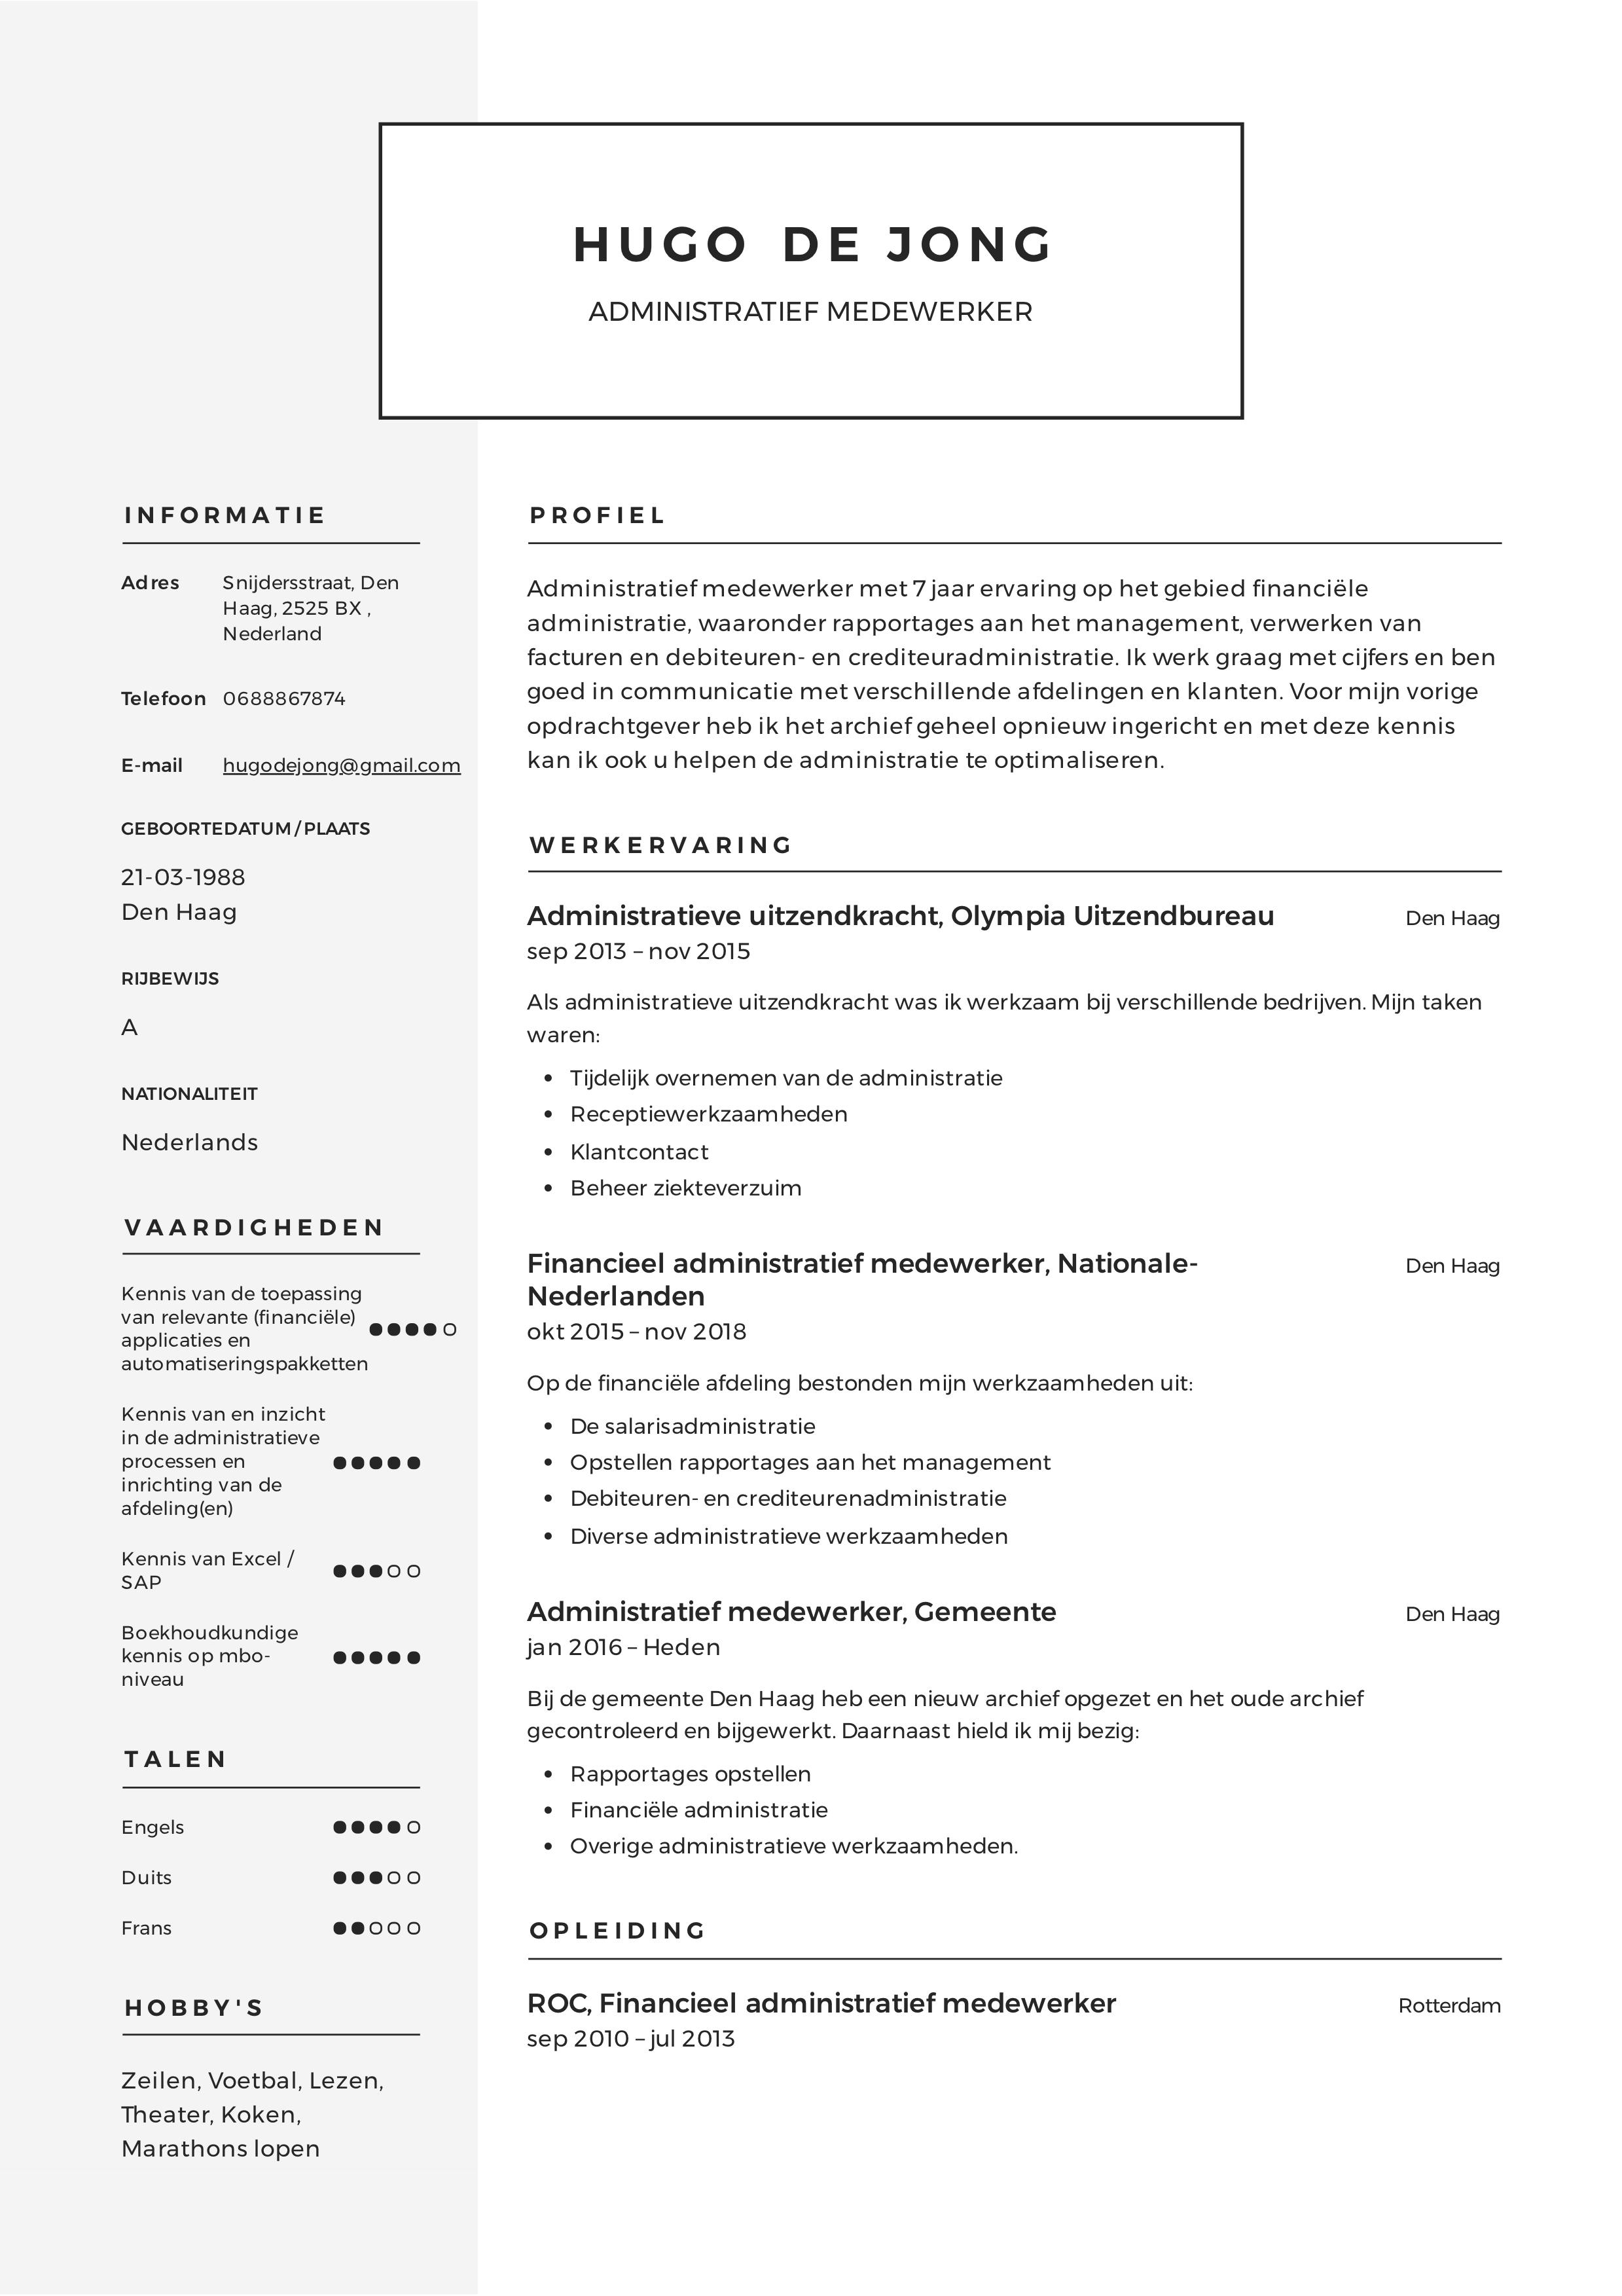 Administratief Medewerker CV Voorbeeld in 2020 Notuleren